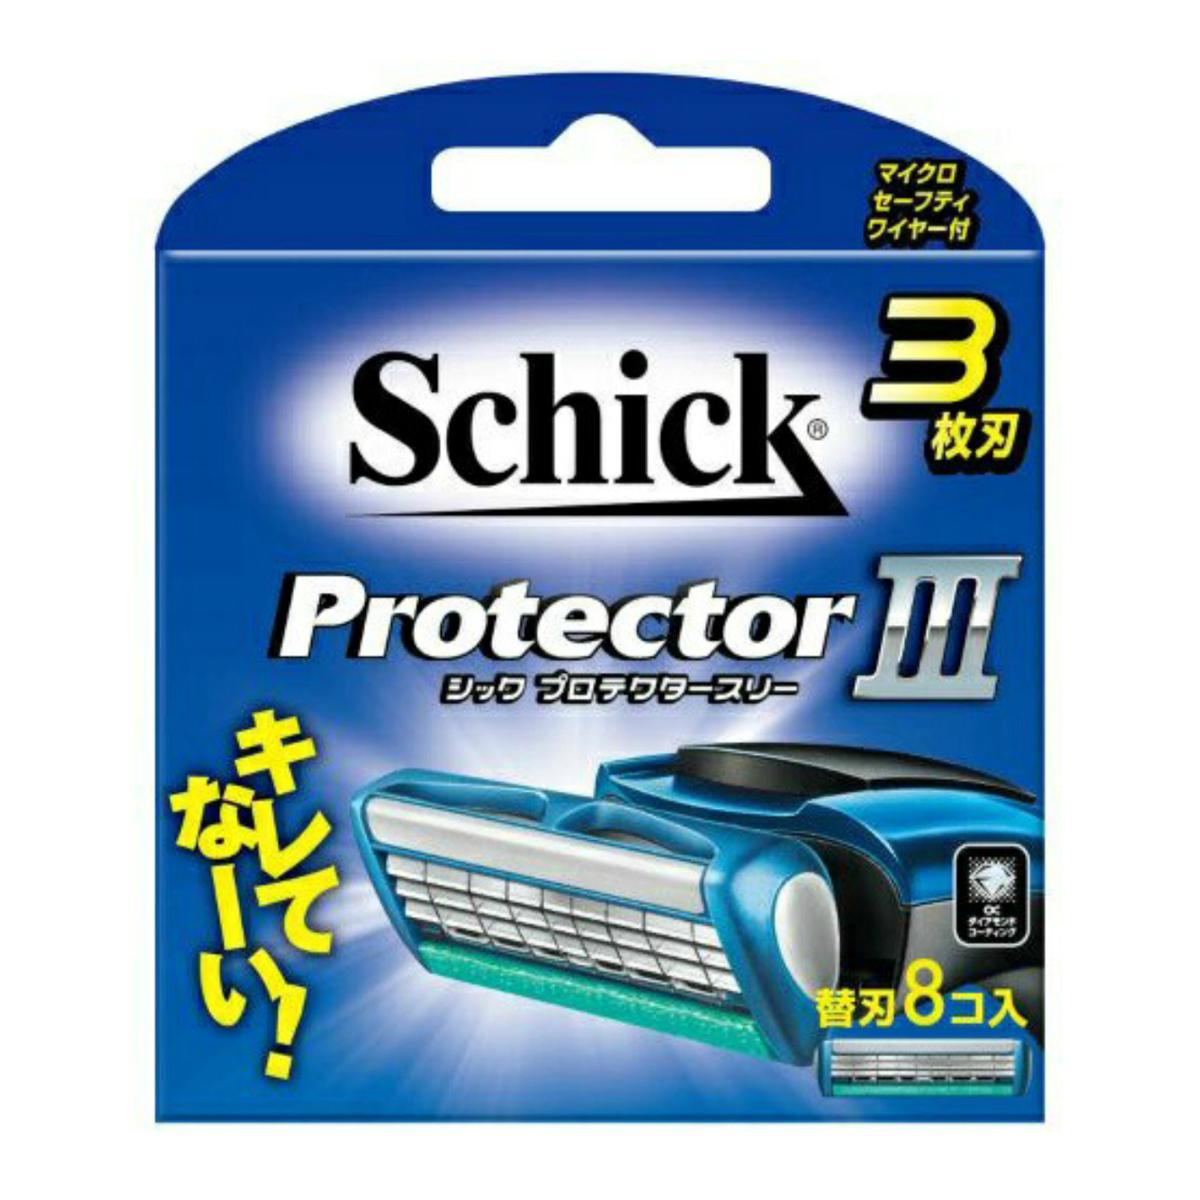 マイクロセーフティワイヤー付3枚刃 シック プロテクタースリー 4891228303846 替刃 8コ入 人気商品 人気ブランド